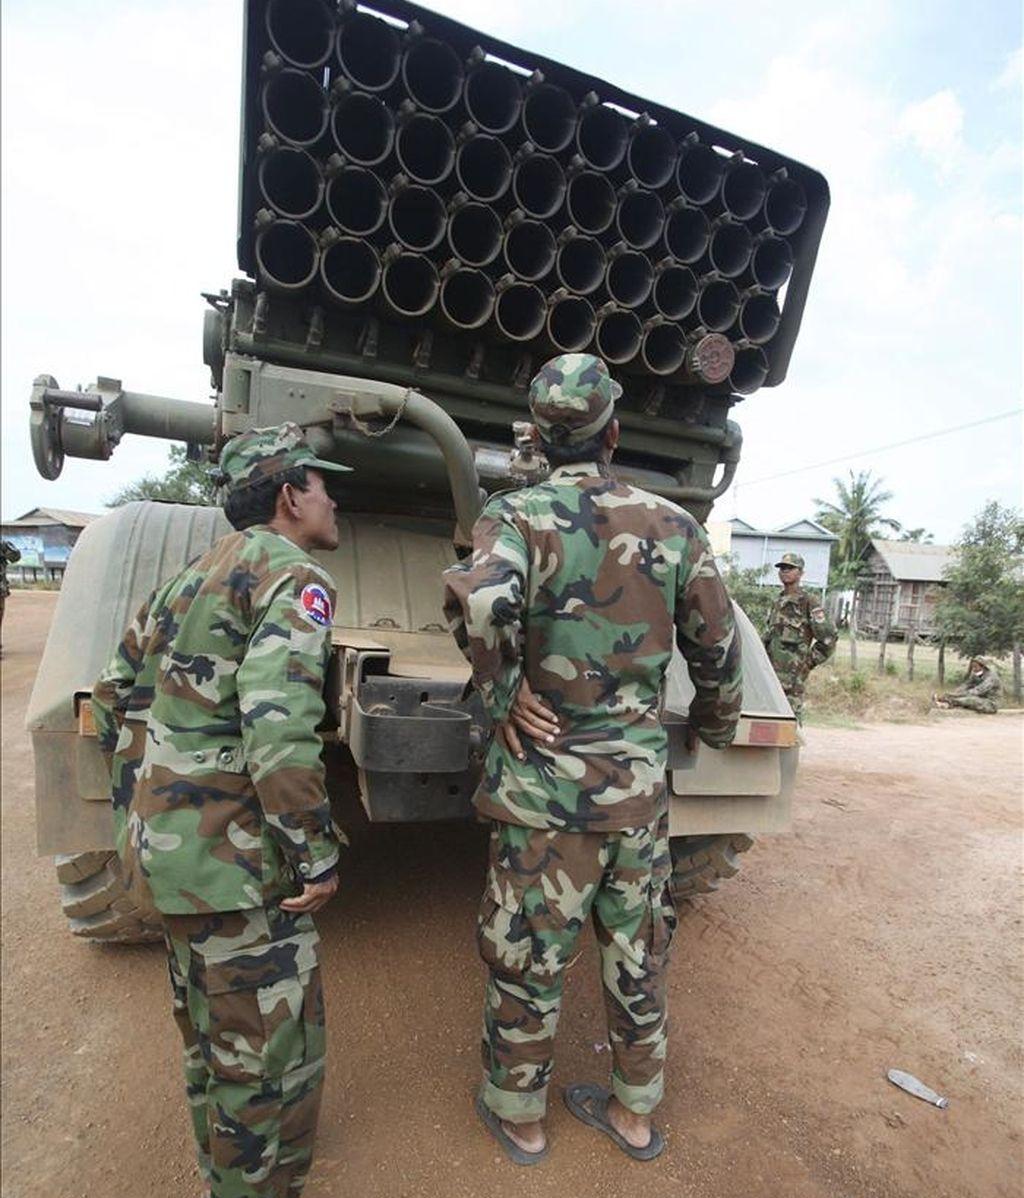 El ministro de Defensa tailandés, Prawit Wongsuwon, canceló su viaje previsto hoy a Camboya para negociar un alto el fuego en la frontera, donde al menos 13 soldados han muerto desde el pasado viernes, informaron hoy fuentes militares. EFE